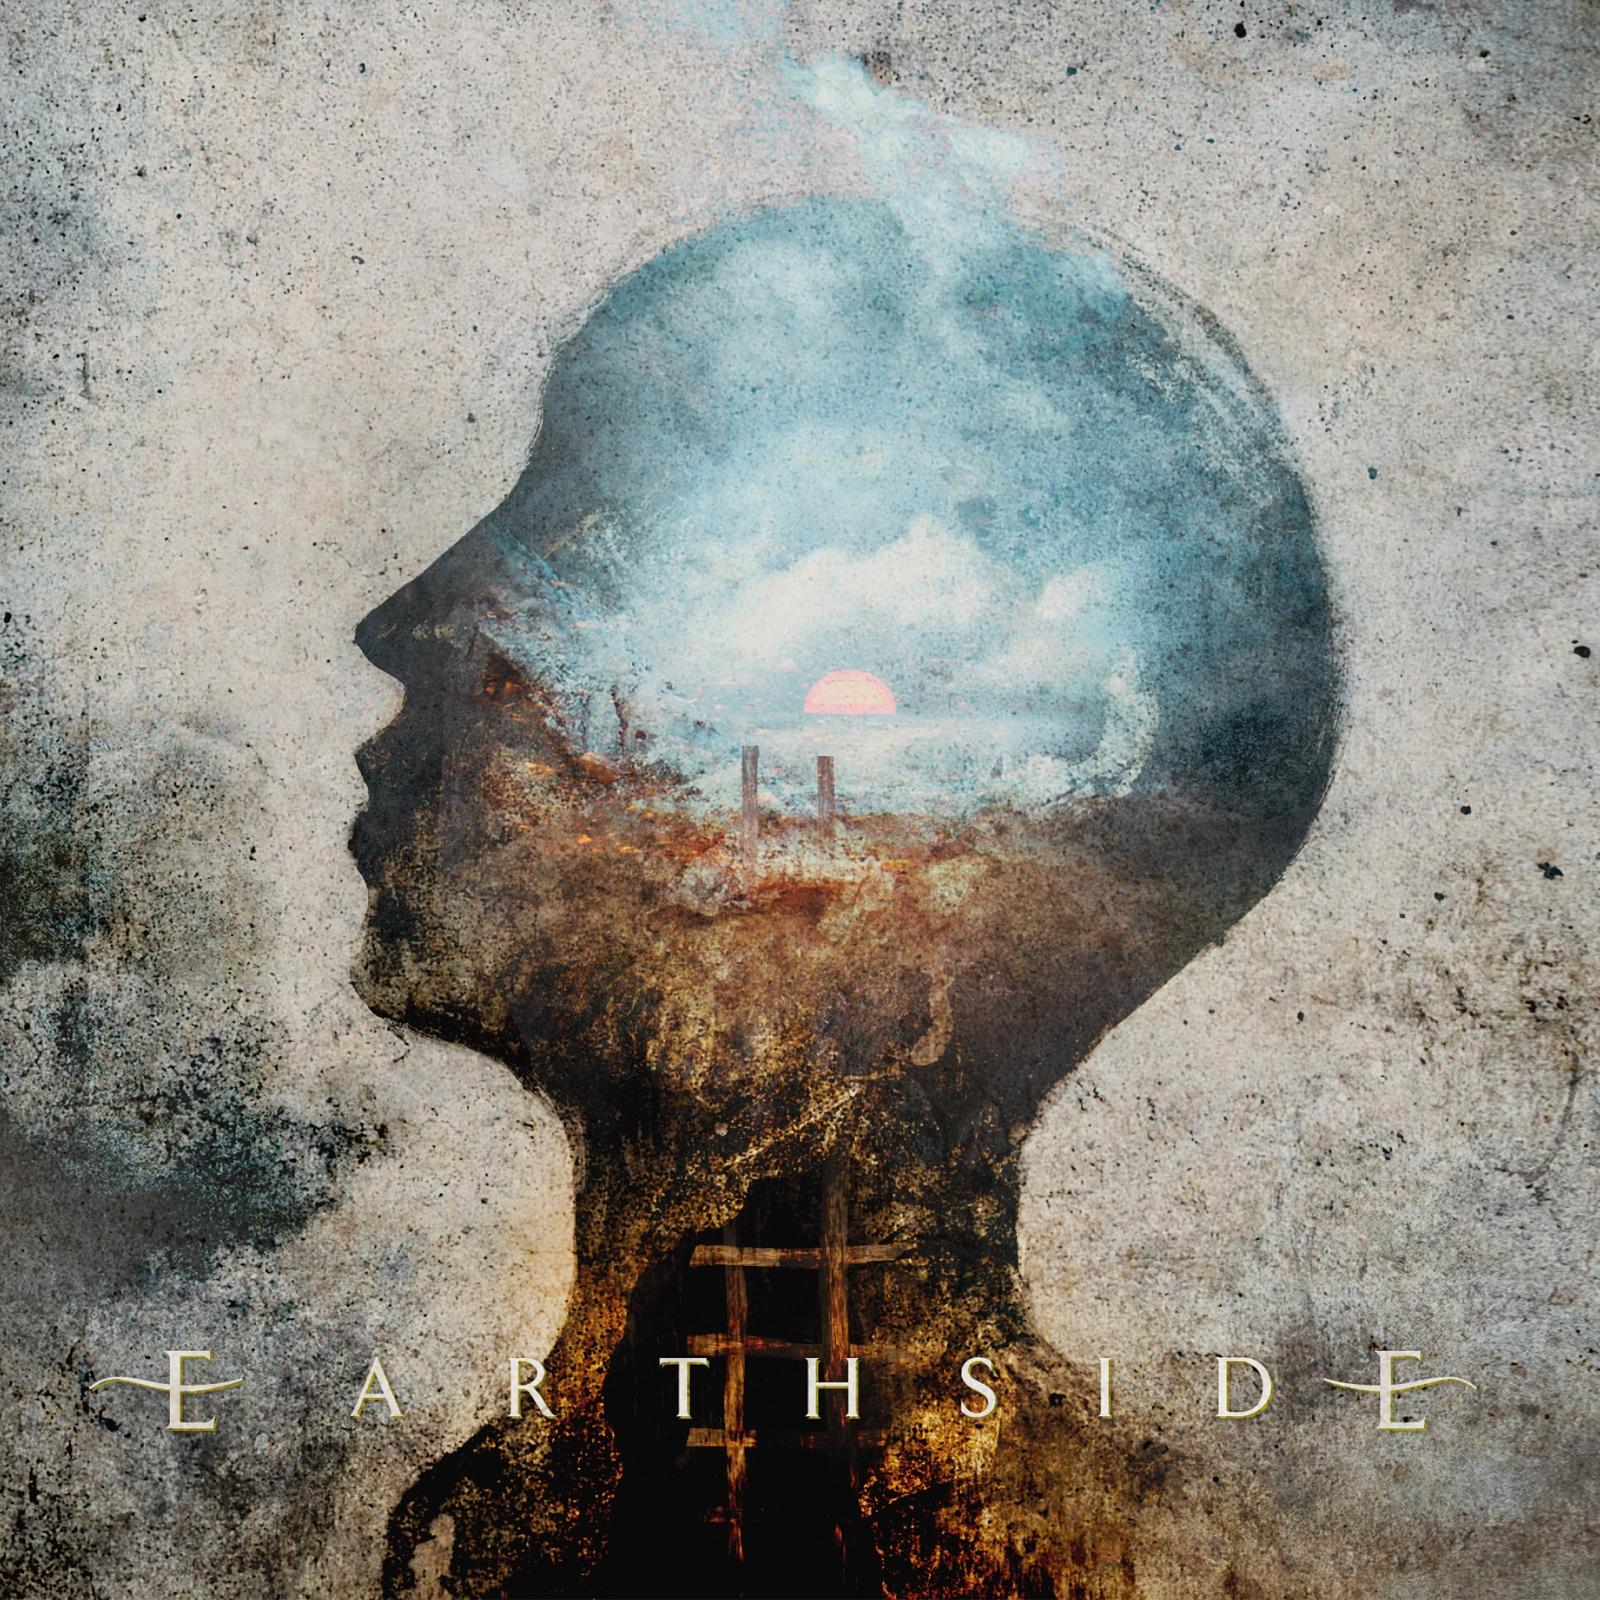 Earthside - A Dream In Static (2015)